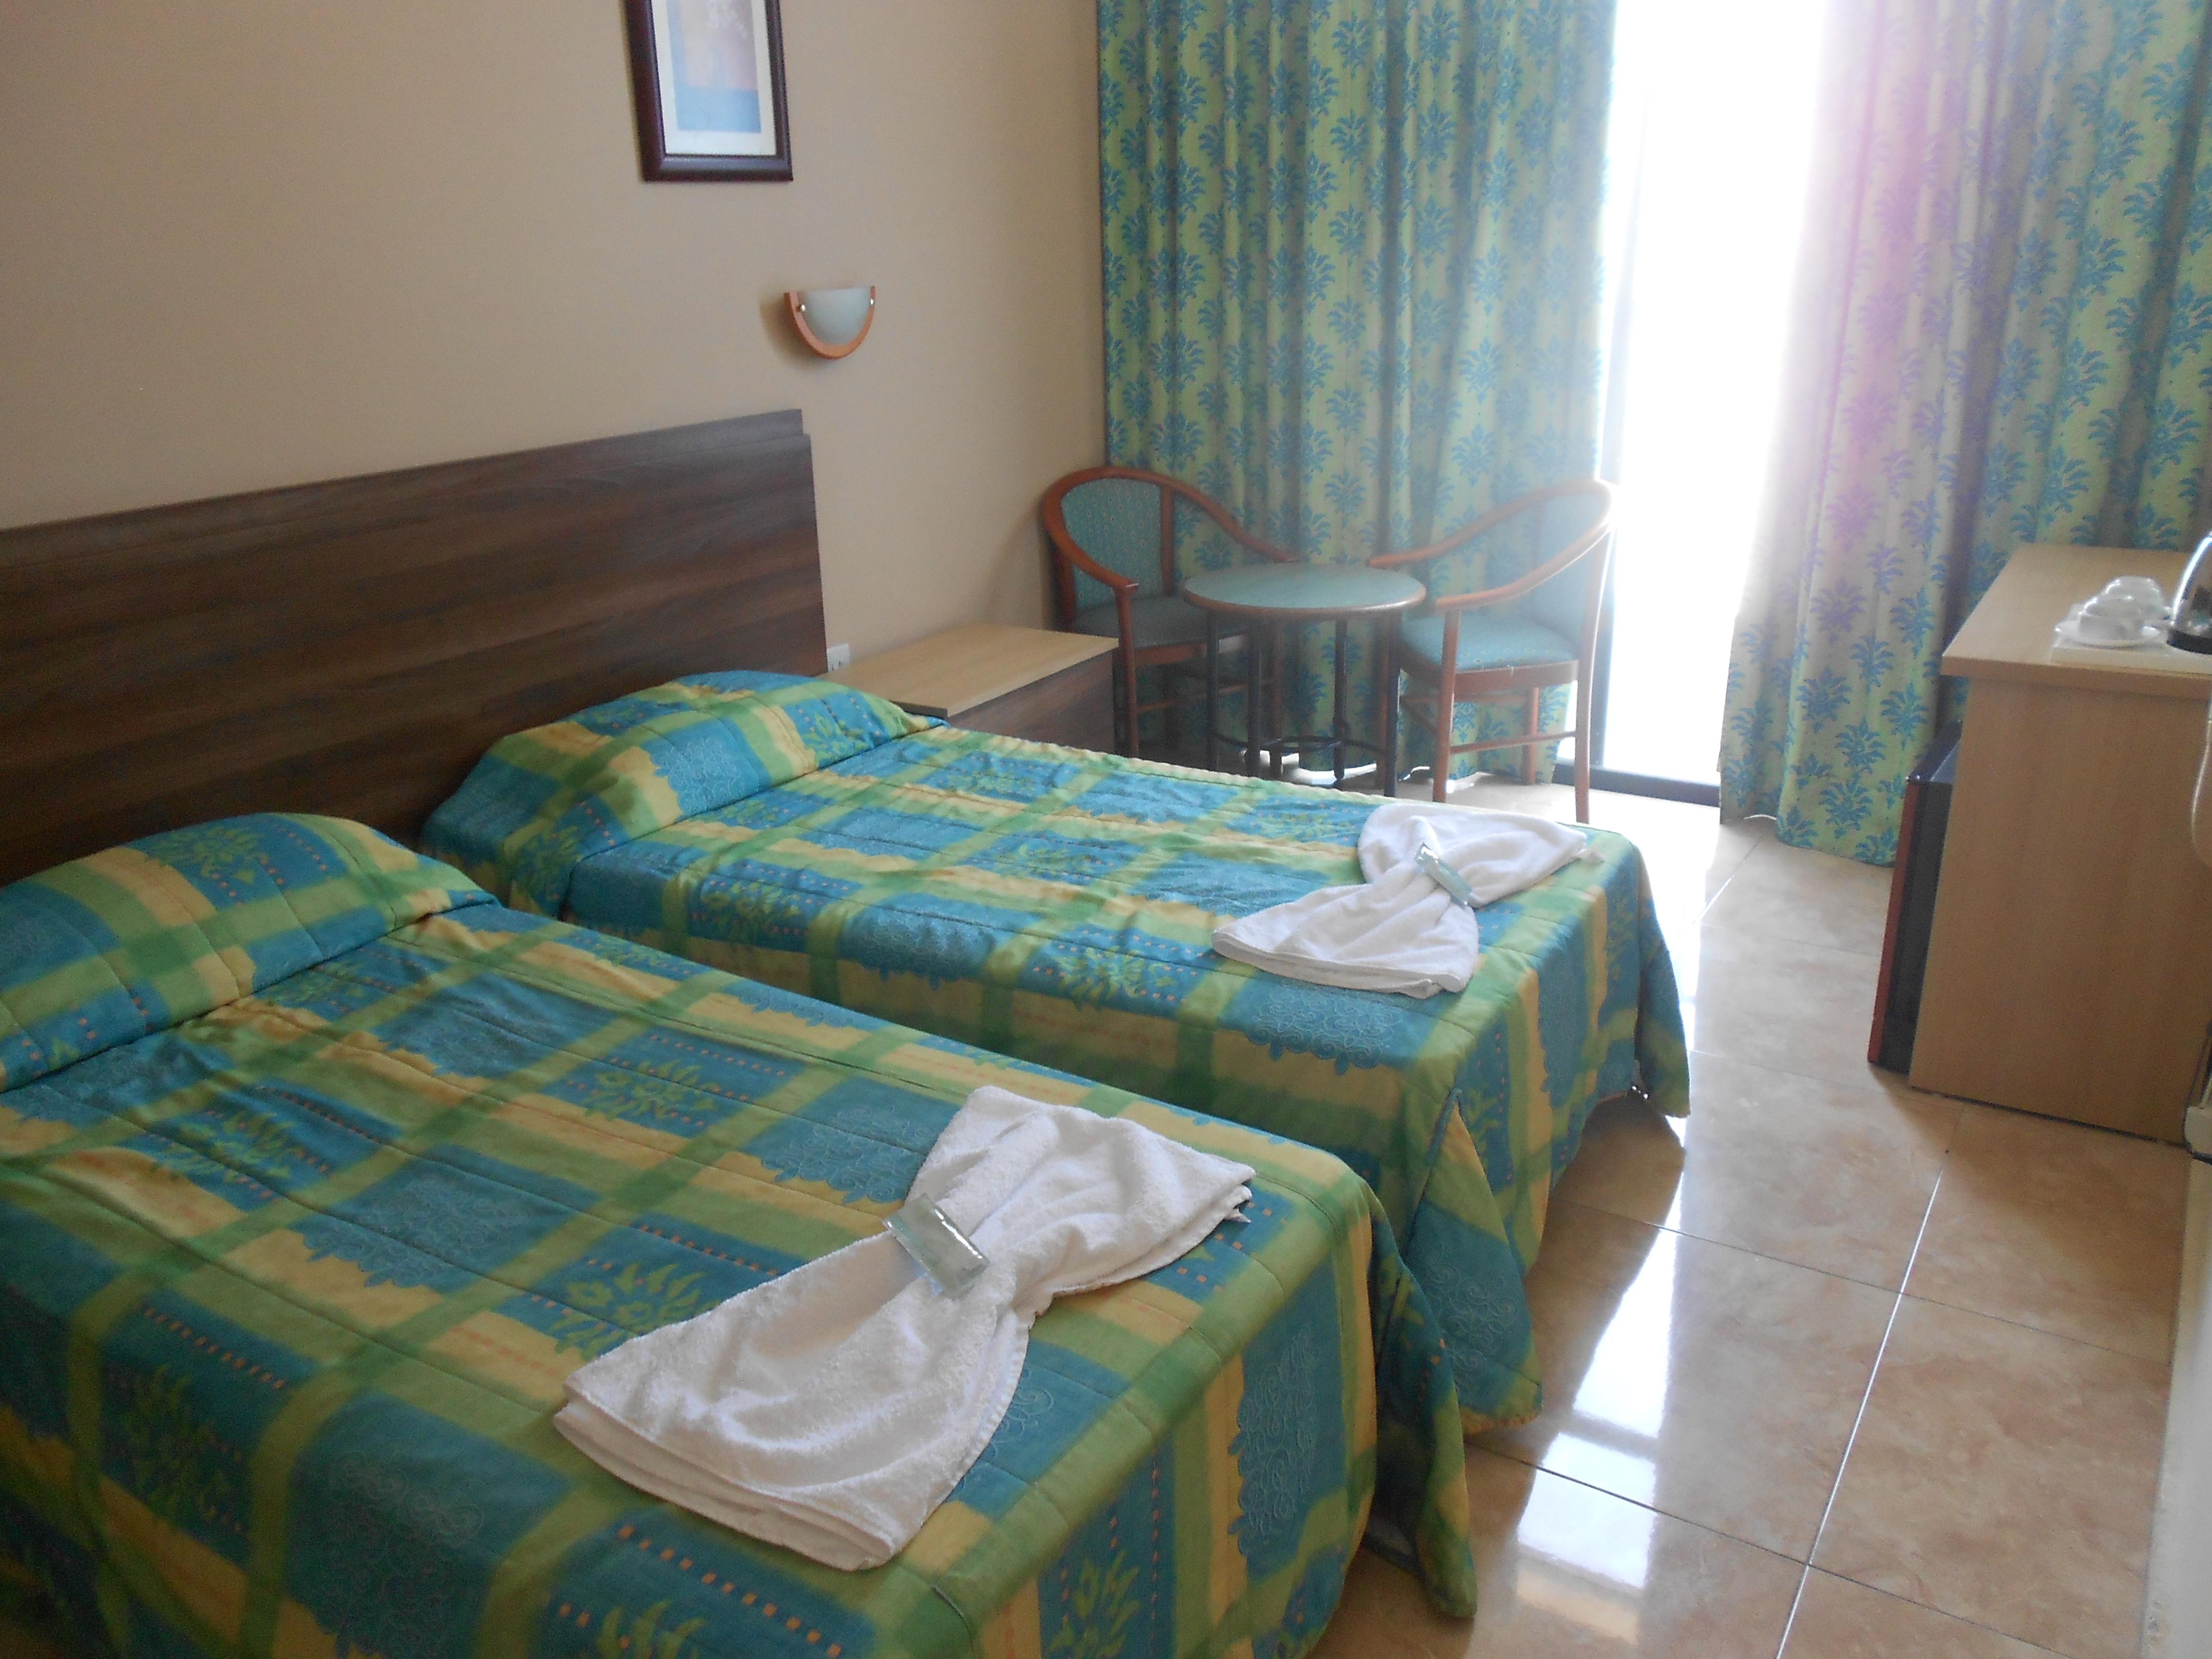 Hotel Euroclub 3* Malta-Qawra-2